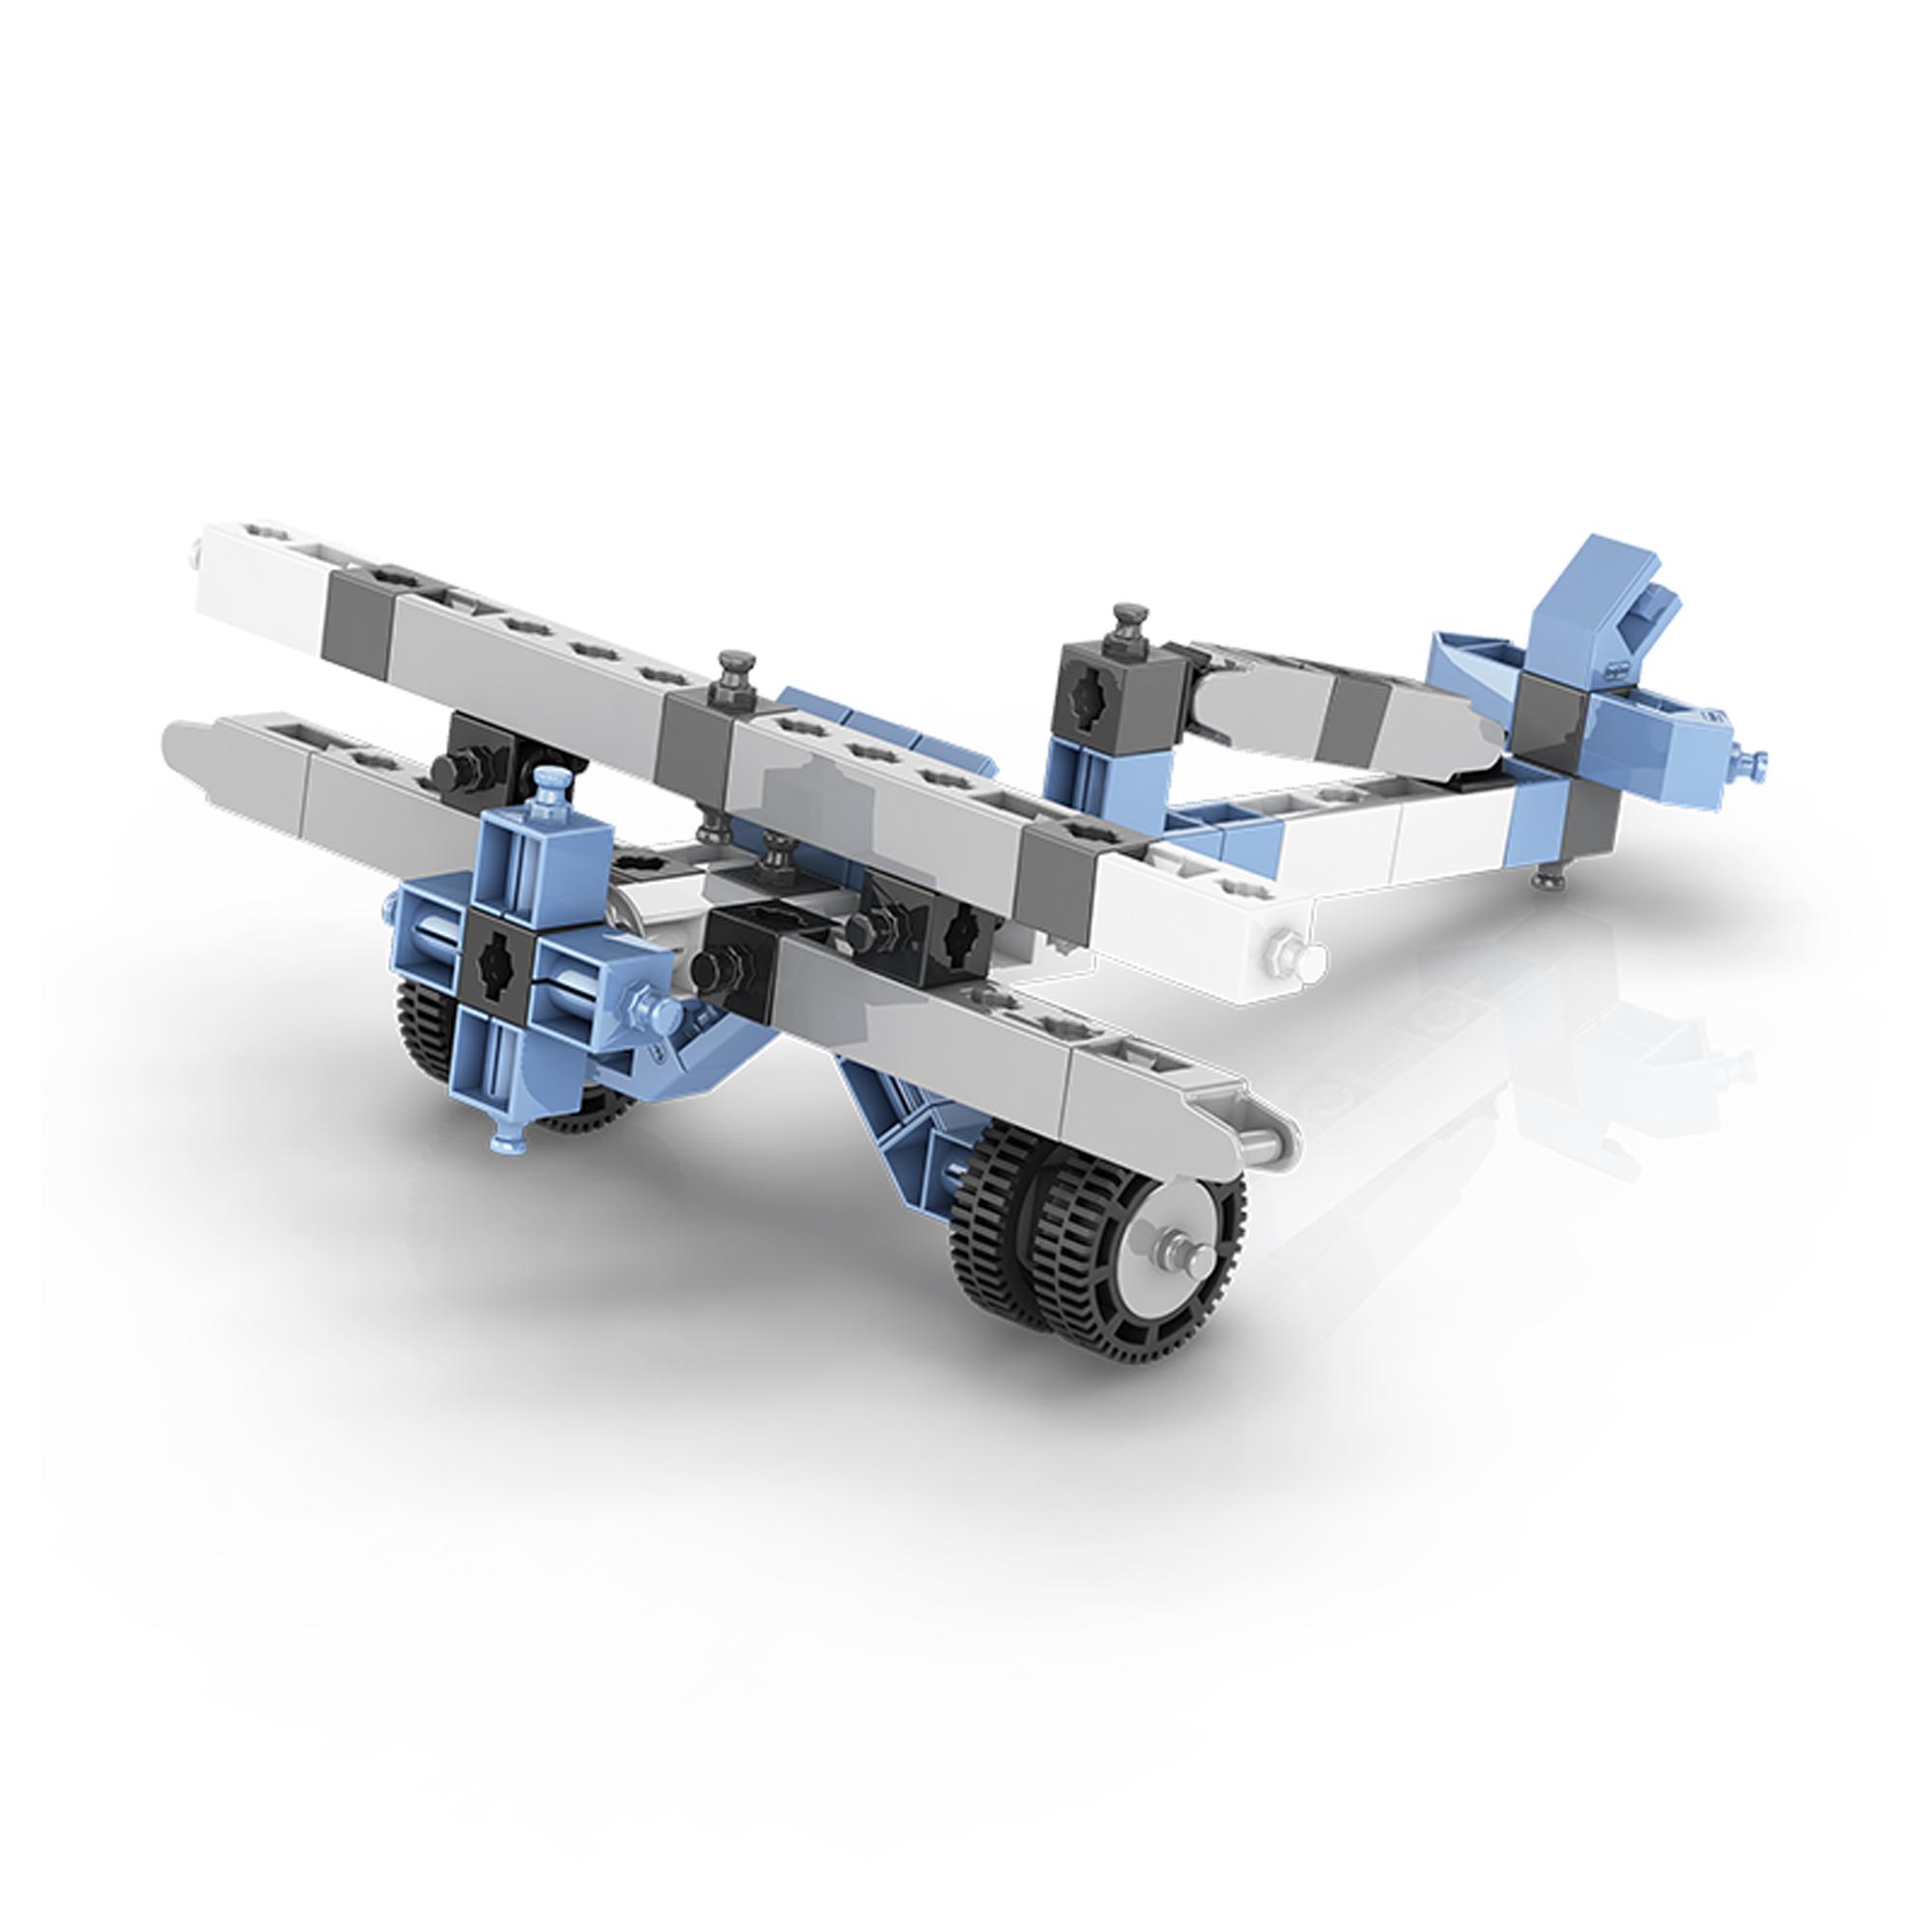 Set de constructie Inventor - 8 modele de aeronave   Engino - 3